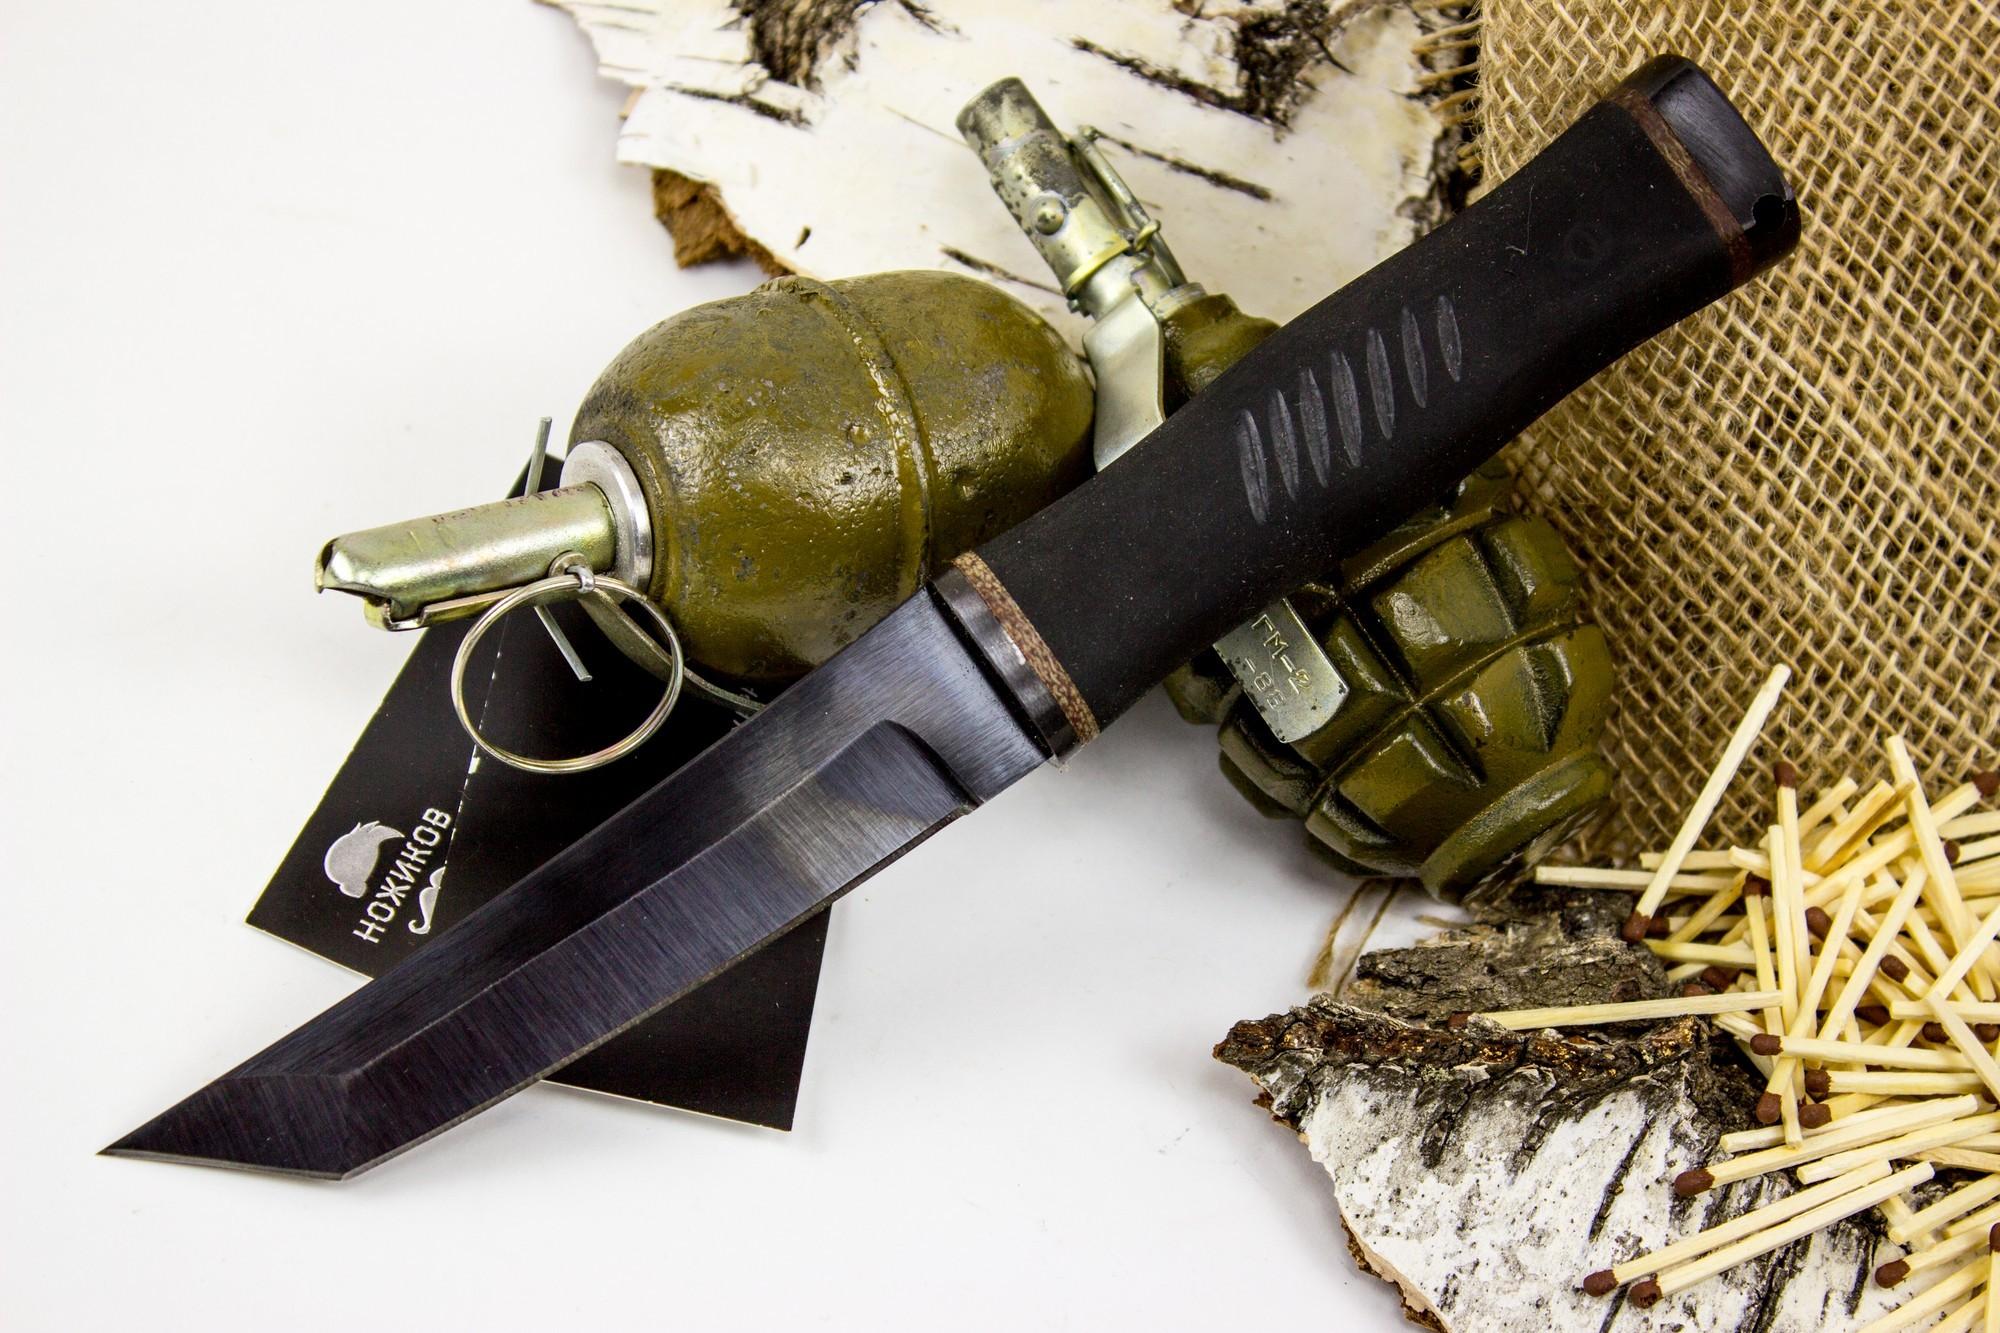 Нож Кабан-1М, сталь 65Г, резинаНожи Ворсма<br>Данная модель ножа занимает промежуточное положение между тактическими ножами и ножами для выживания. Ей присущи черты, характерные обоим типам ножей. Нож обладает эффектной и агрессивной внешностью. Черный матовый клинок оснащен кончиком в стиле японских коротких японских мечей танто. Хвостовик проходит сквозь рукоять и заканчивается металлическим навершием, которое можно использовать, как ударный элемент. Нож предназначен для уколов, реза и рубки. Обрезиненная рукоять оснащена пропилами, которые обеспечивают более уверенное сцепление. Даже если рукоять намокла, нож как будто прилипает к руке.<br>